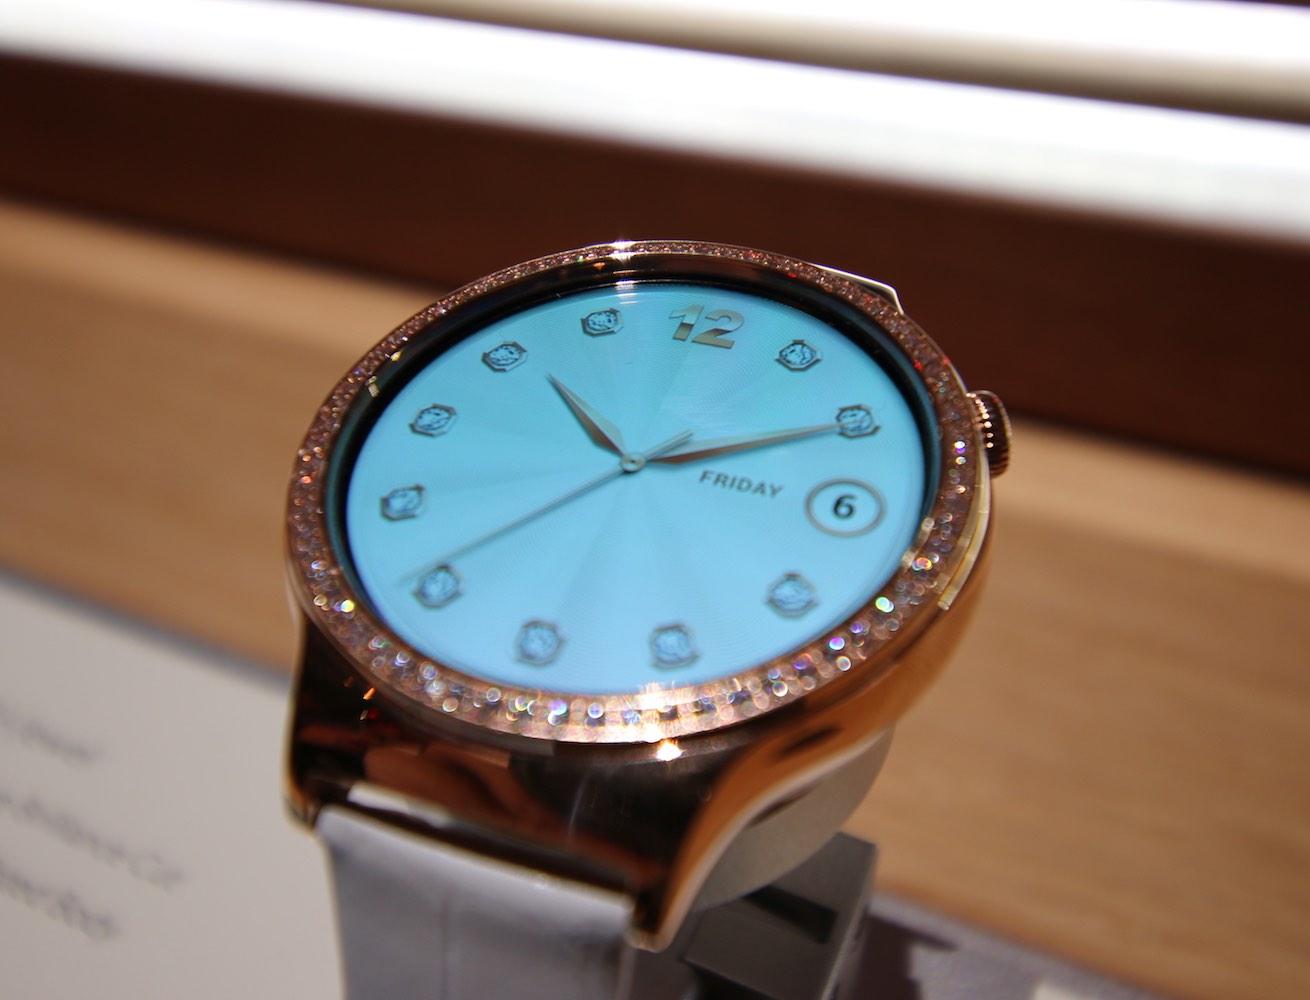 huawei-watch-fashionable-smartwatches-02